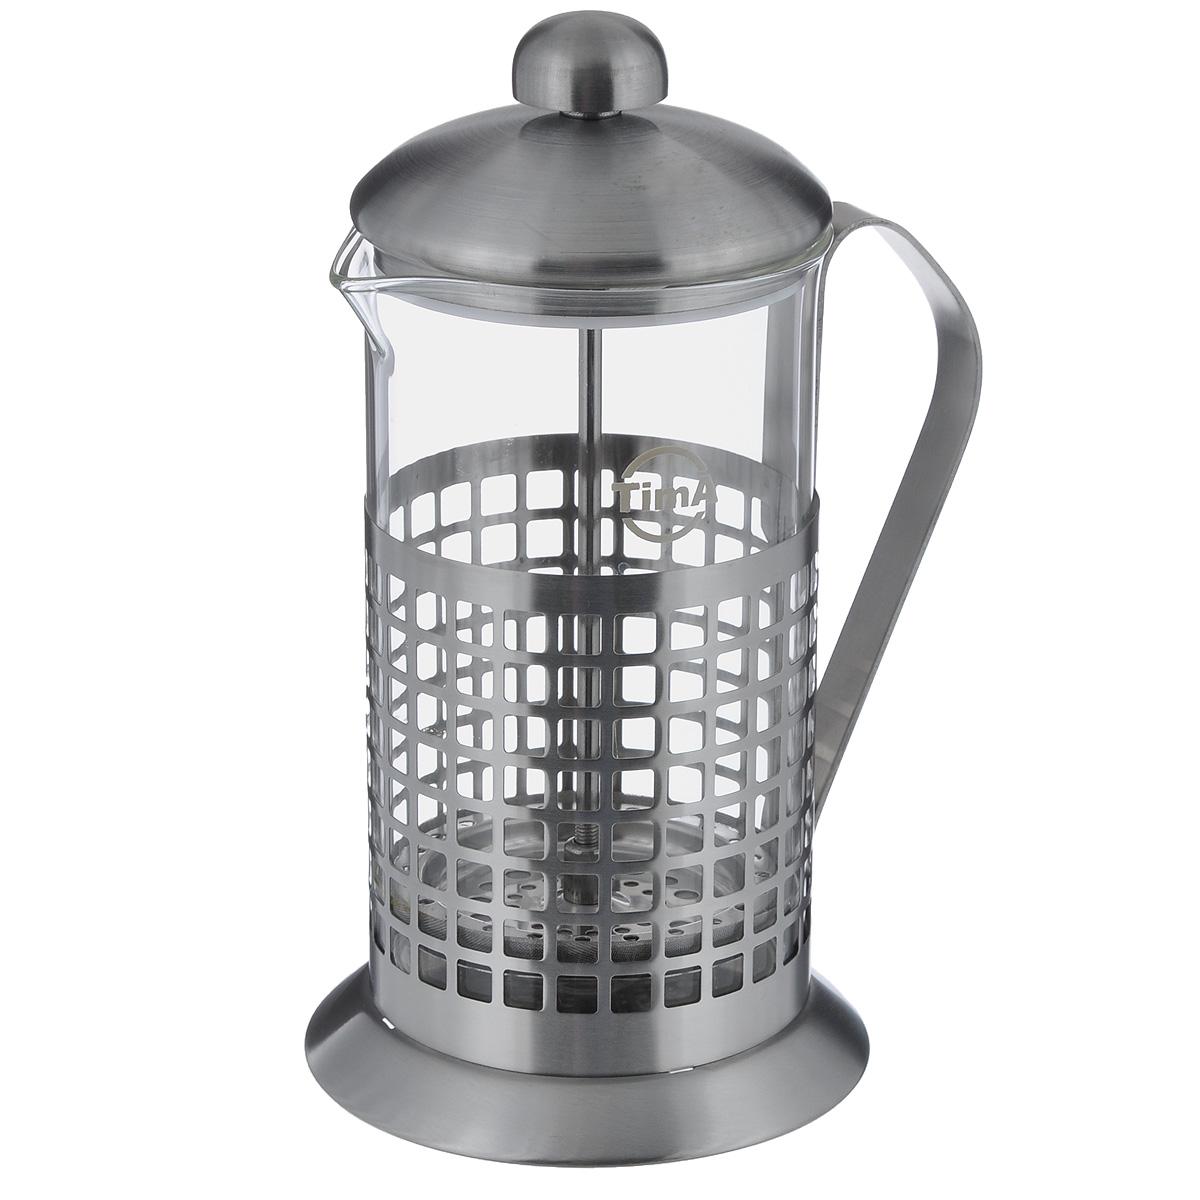 Чайник заварочный TimA Бисквит, 600 млVT-1520(SR)Чайник заварочный TimA Бисквит выполнен в виде френч-пресса и представляет собой гибрид заварочного чайника и кофейника. Колба выполнена из жаропрочного стекла, корпус, крышка и поршень изготовлены из нержавеющей стали. Изделие легко разбирается и моется. Прозрачные стенки чайника дают возможность наблюдать за насыщением напитка, а поршень позволяет с легкостью отжать самый сок от заварки и получить напиток с насыщенным вкусом. Заварочный чайник - постоянно используемый предмет посуды, который необходим на каждой кухне. Френч-пресс TimA Бисквит займет достойное место среди аксессуаров на вашей кухне. Можно мыть в посудомоечной машине. Диаметр (по верхнему краю): 9 см. Высота чайника (с крышкой): 21 см. Объем: 600 мл.